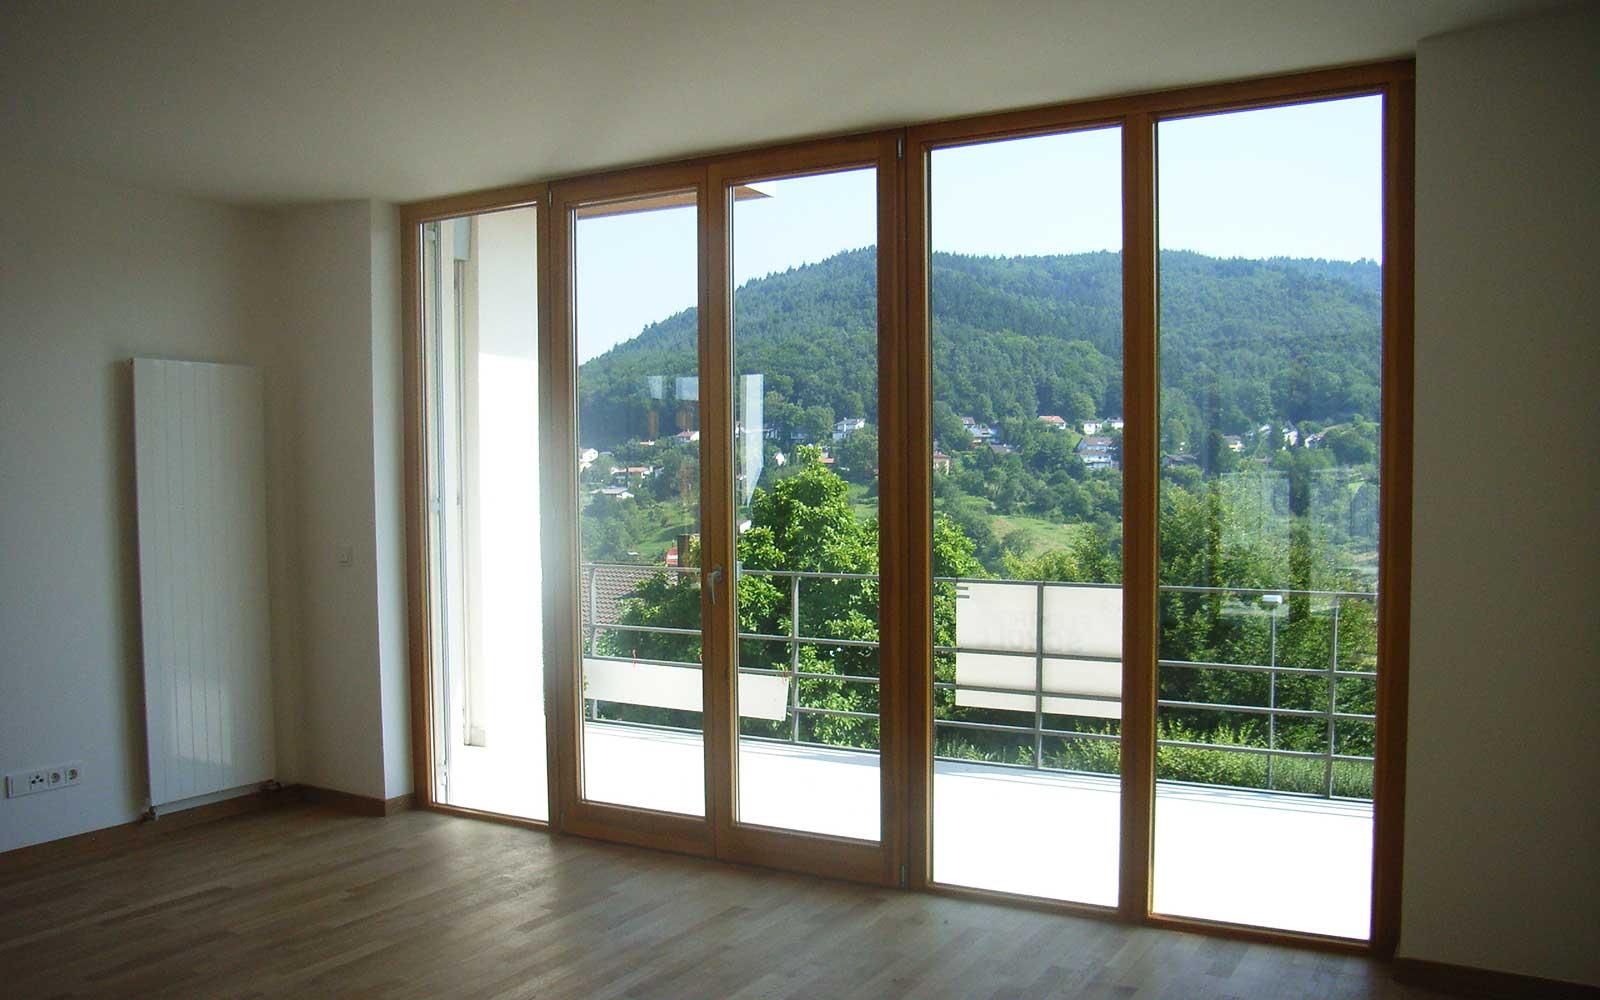 Einfamilienhaus in Ziegelhausen, Kochhan und Weckbach Architekturbüro Heidelberg